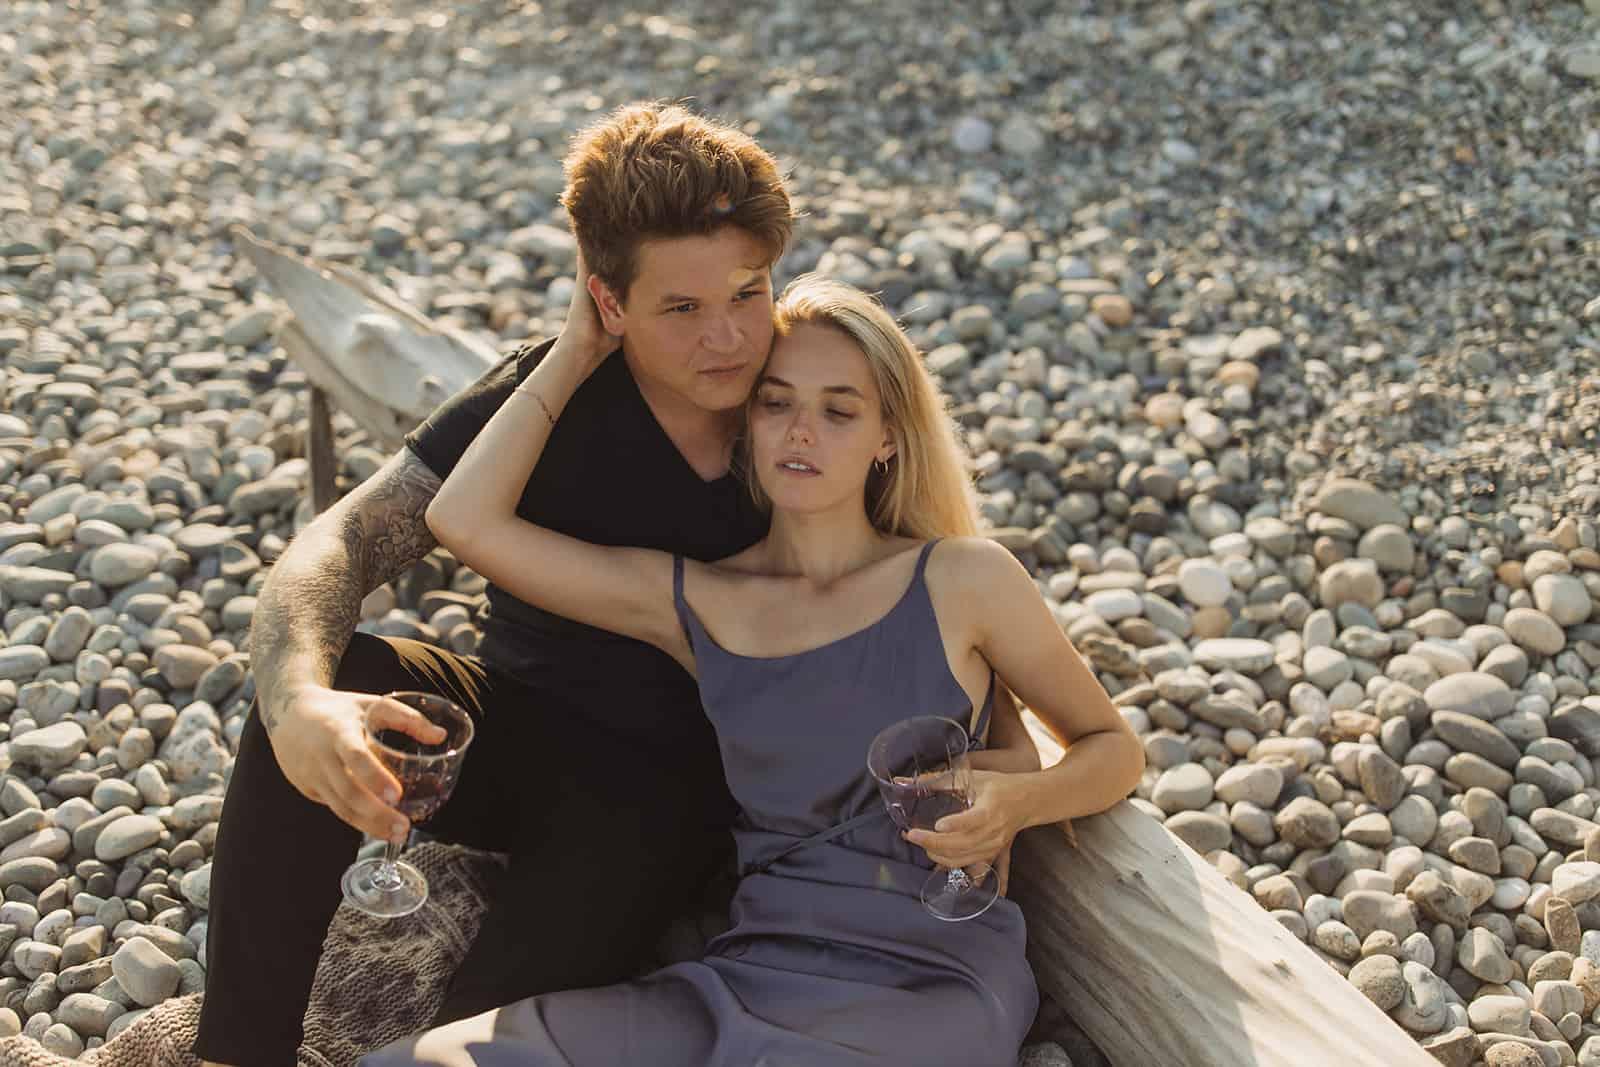 un couple romantique assis sur la plage de galets et boire du vin